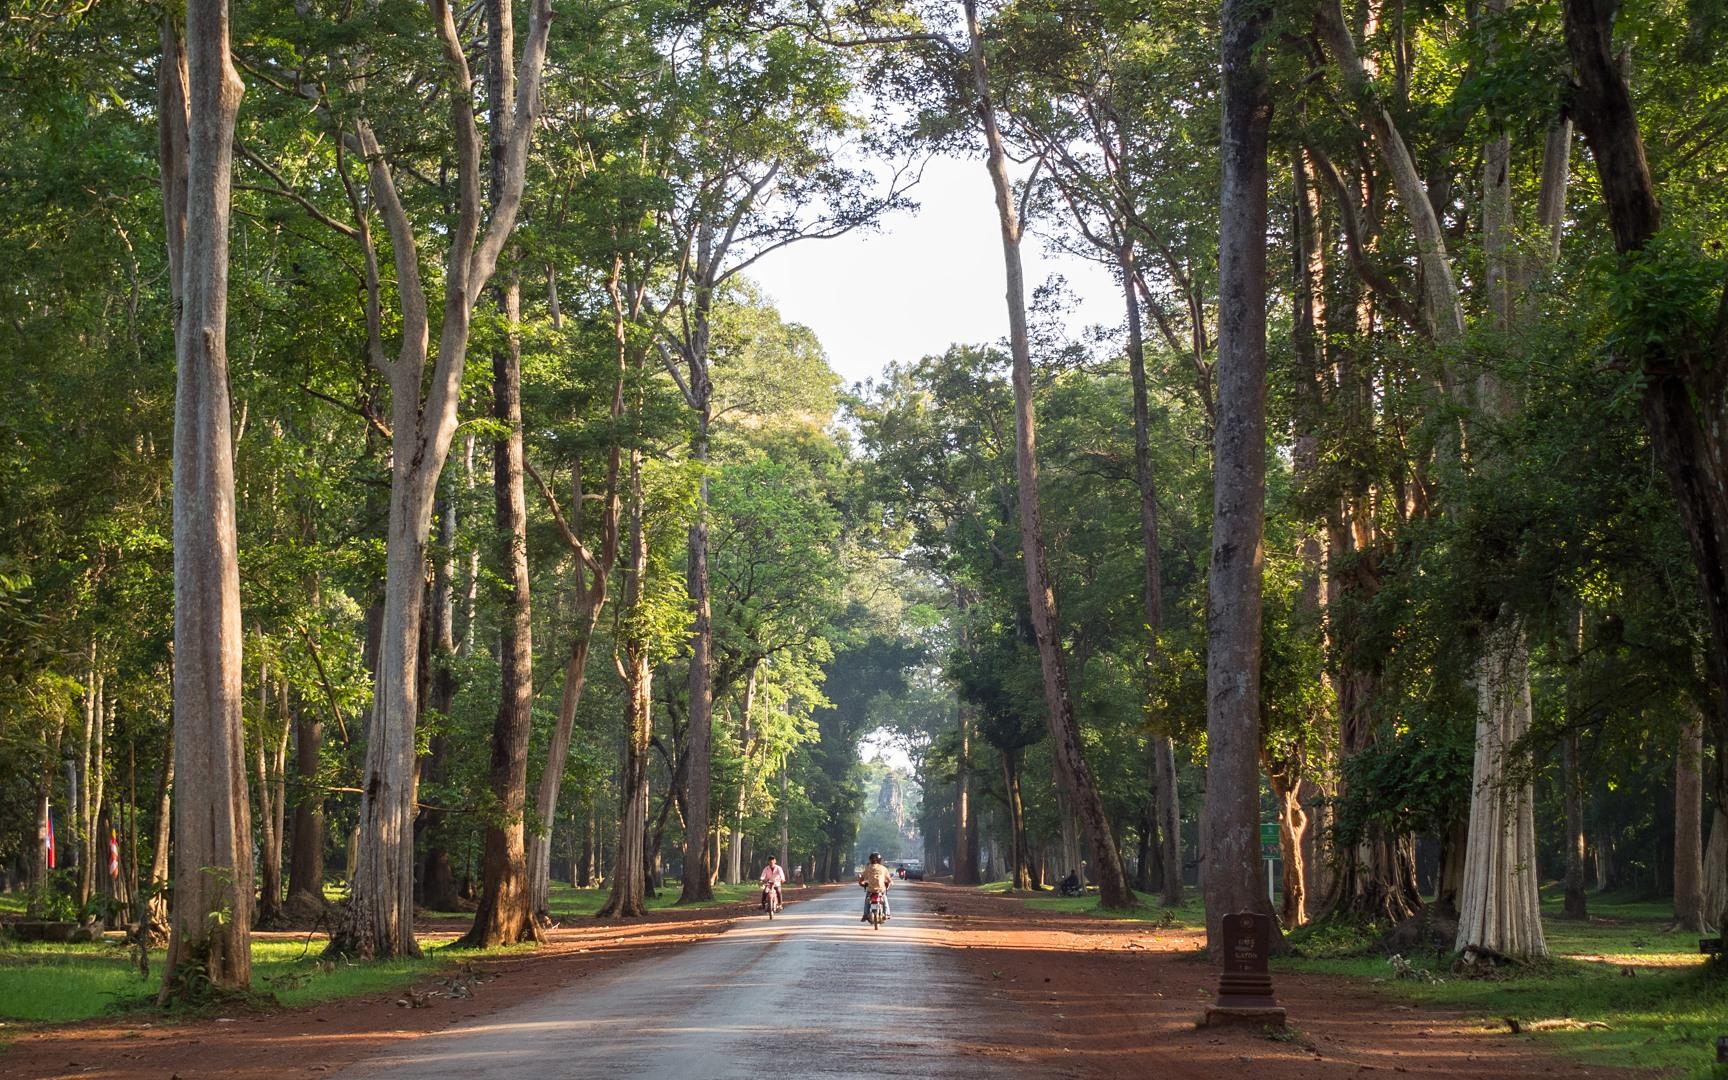 Храм Байон (Bayon Temple), Ангкор